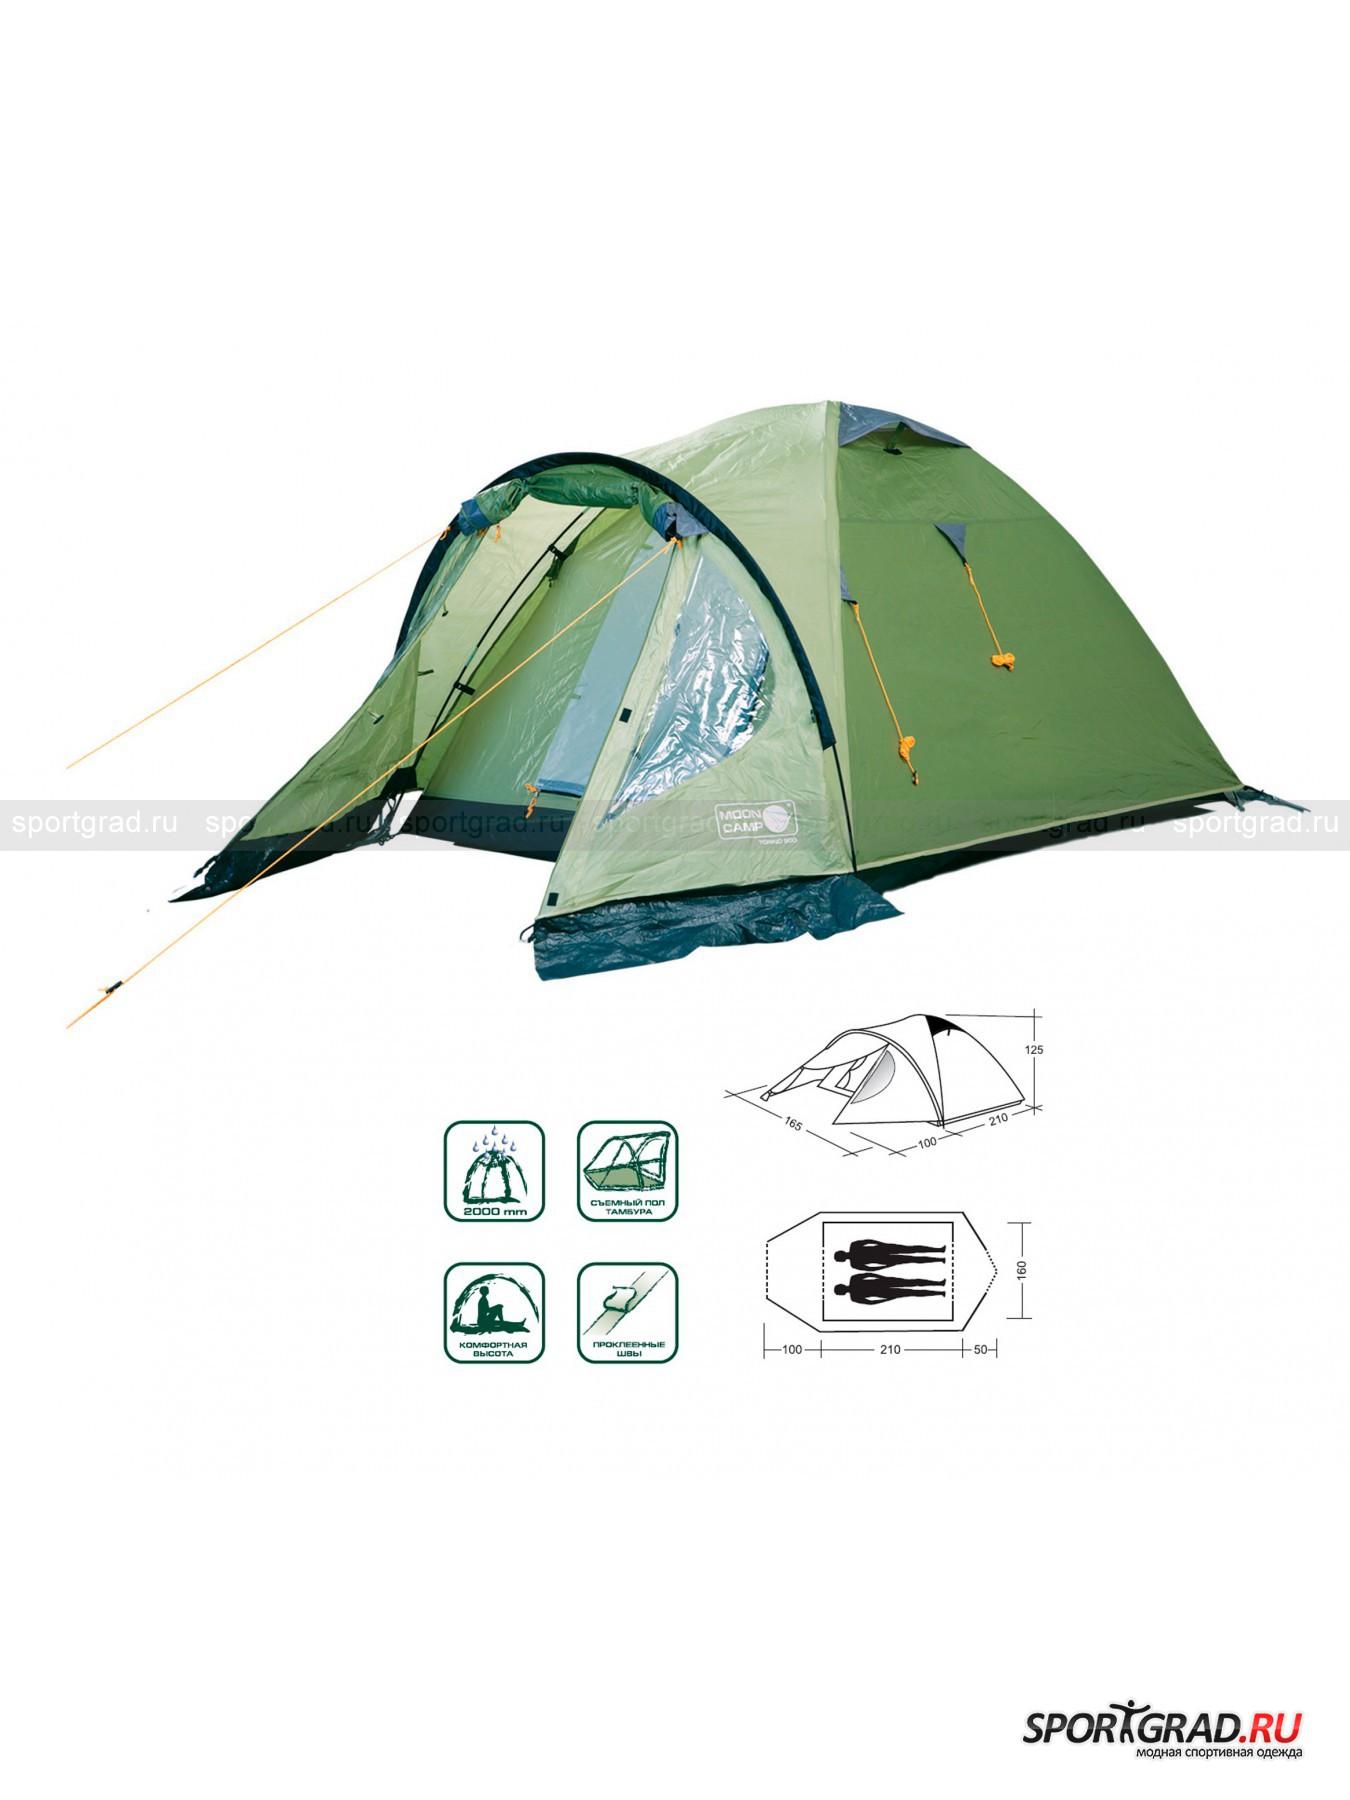 Палатка Torino 200 MOON CAMP от Спортград